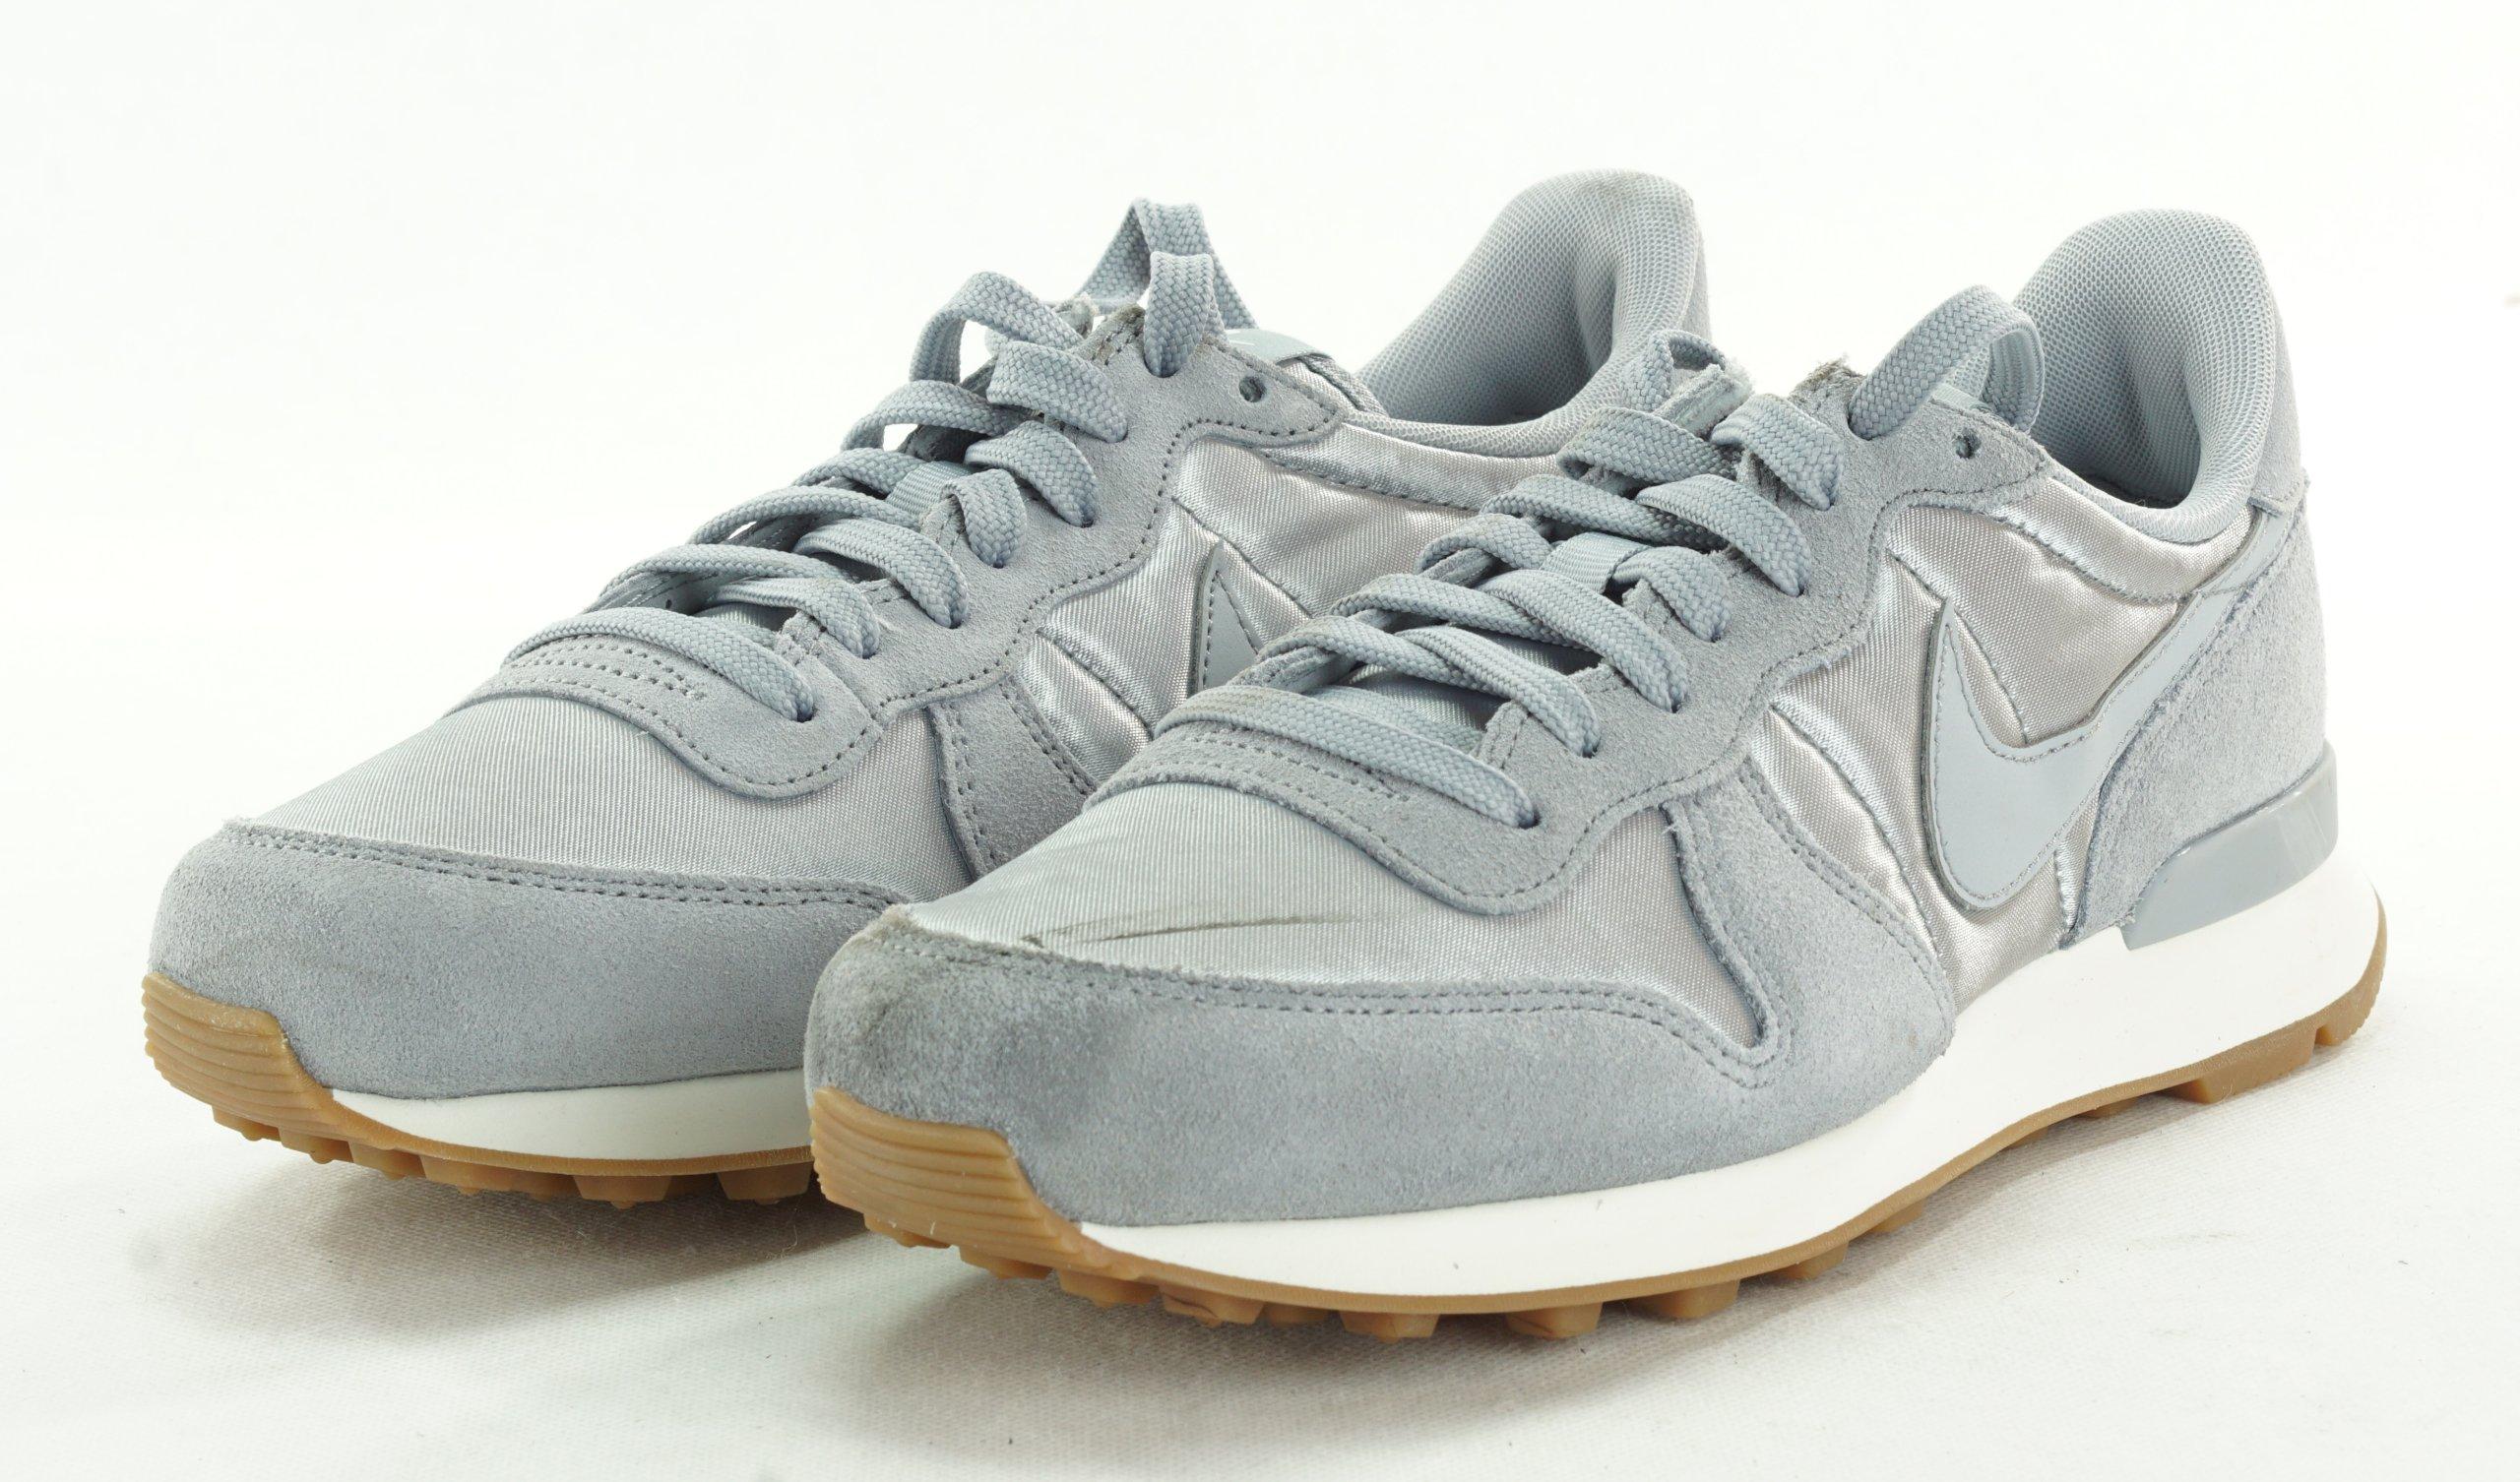 official photos 8bec0 4a209 39d98824c8c9 sprzedaż on ine damskie sportowe buty obuwie sportowe nike air  max gs odcienie szarości i srebra